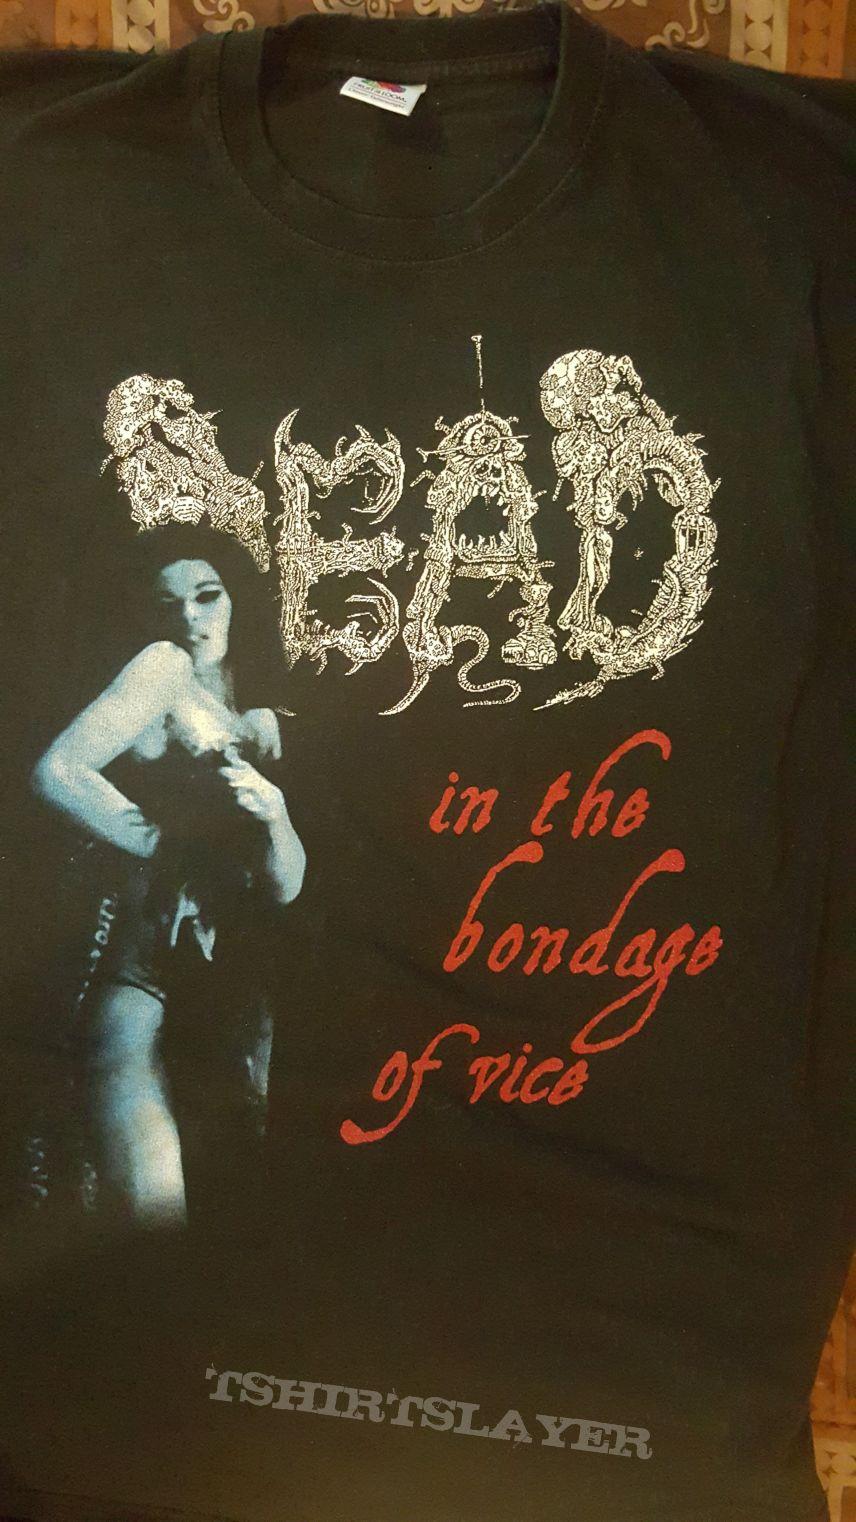 Dead - In the Bondage of Vice